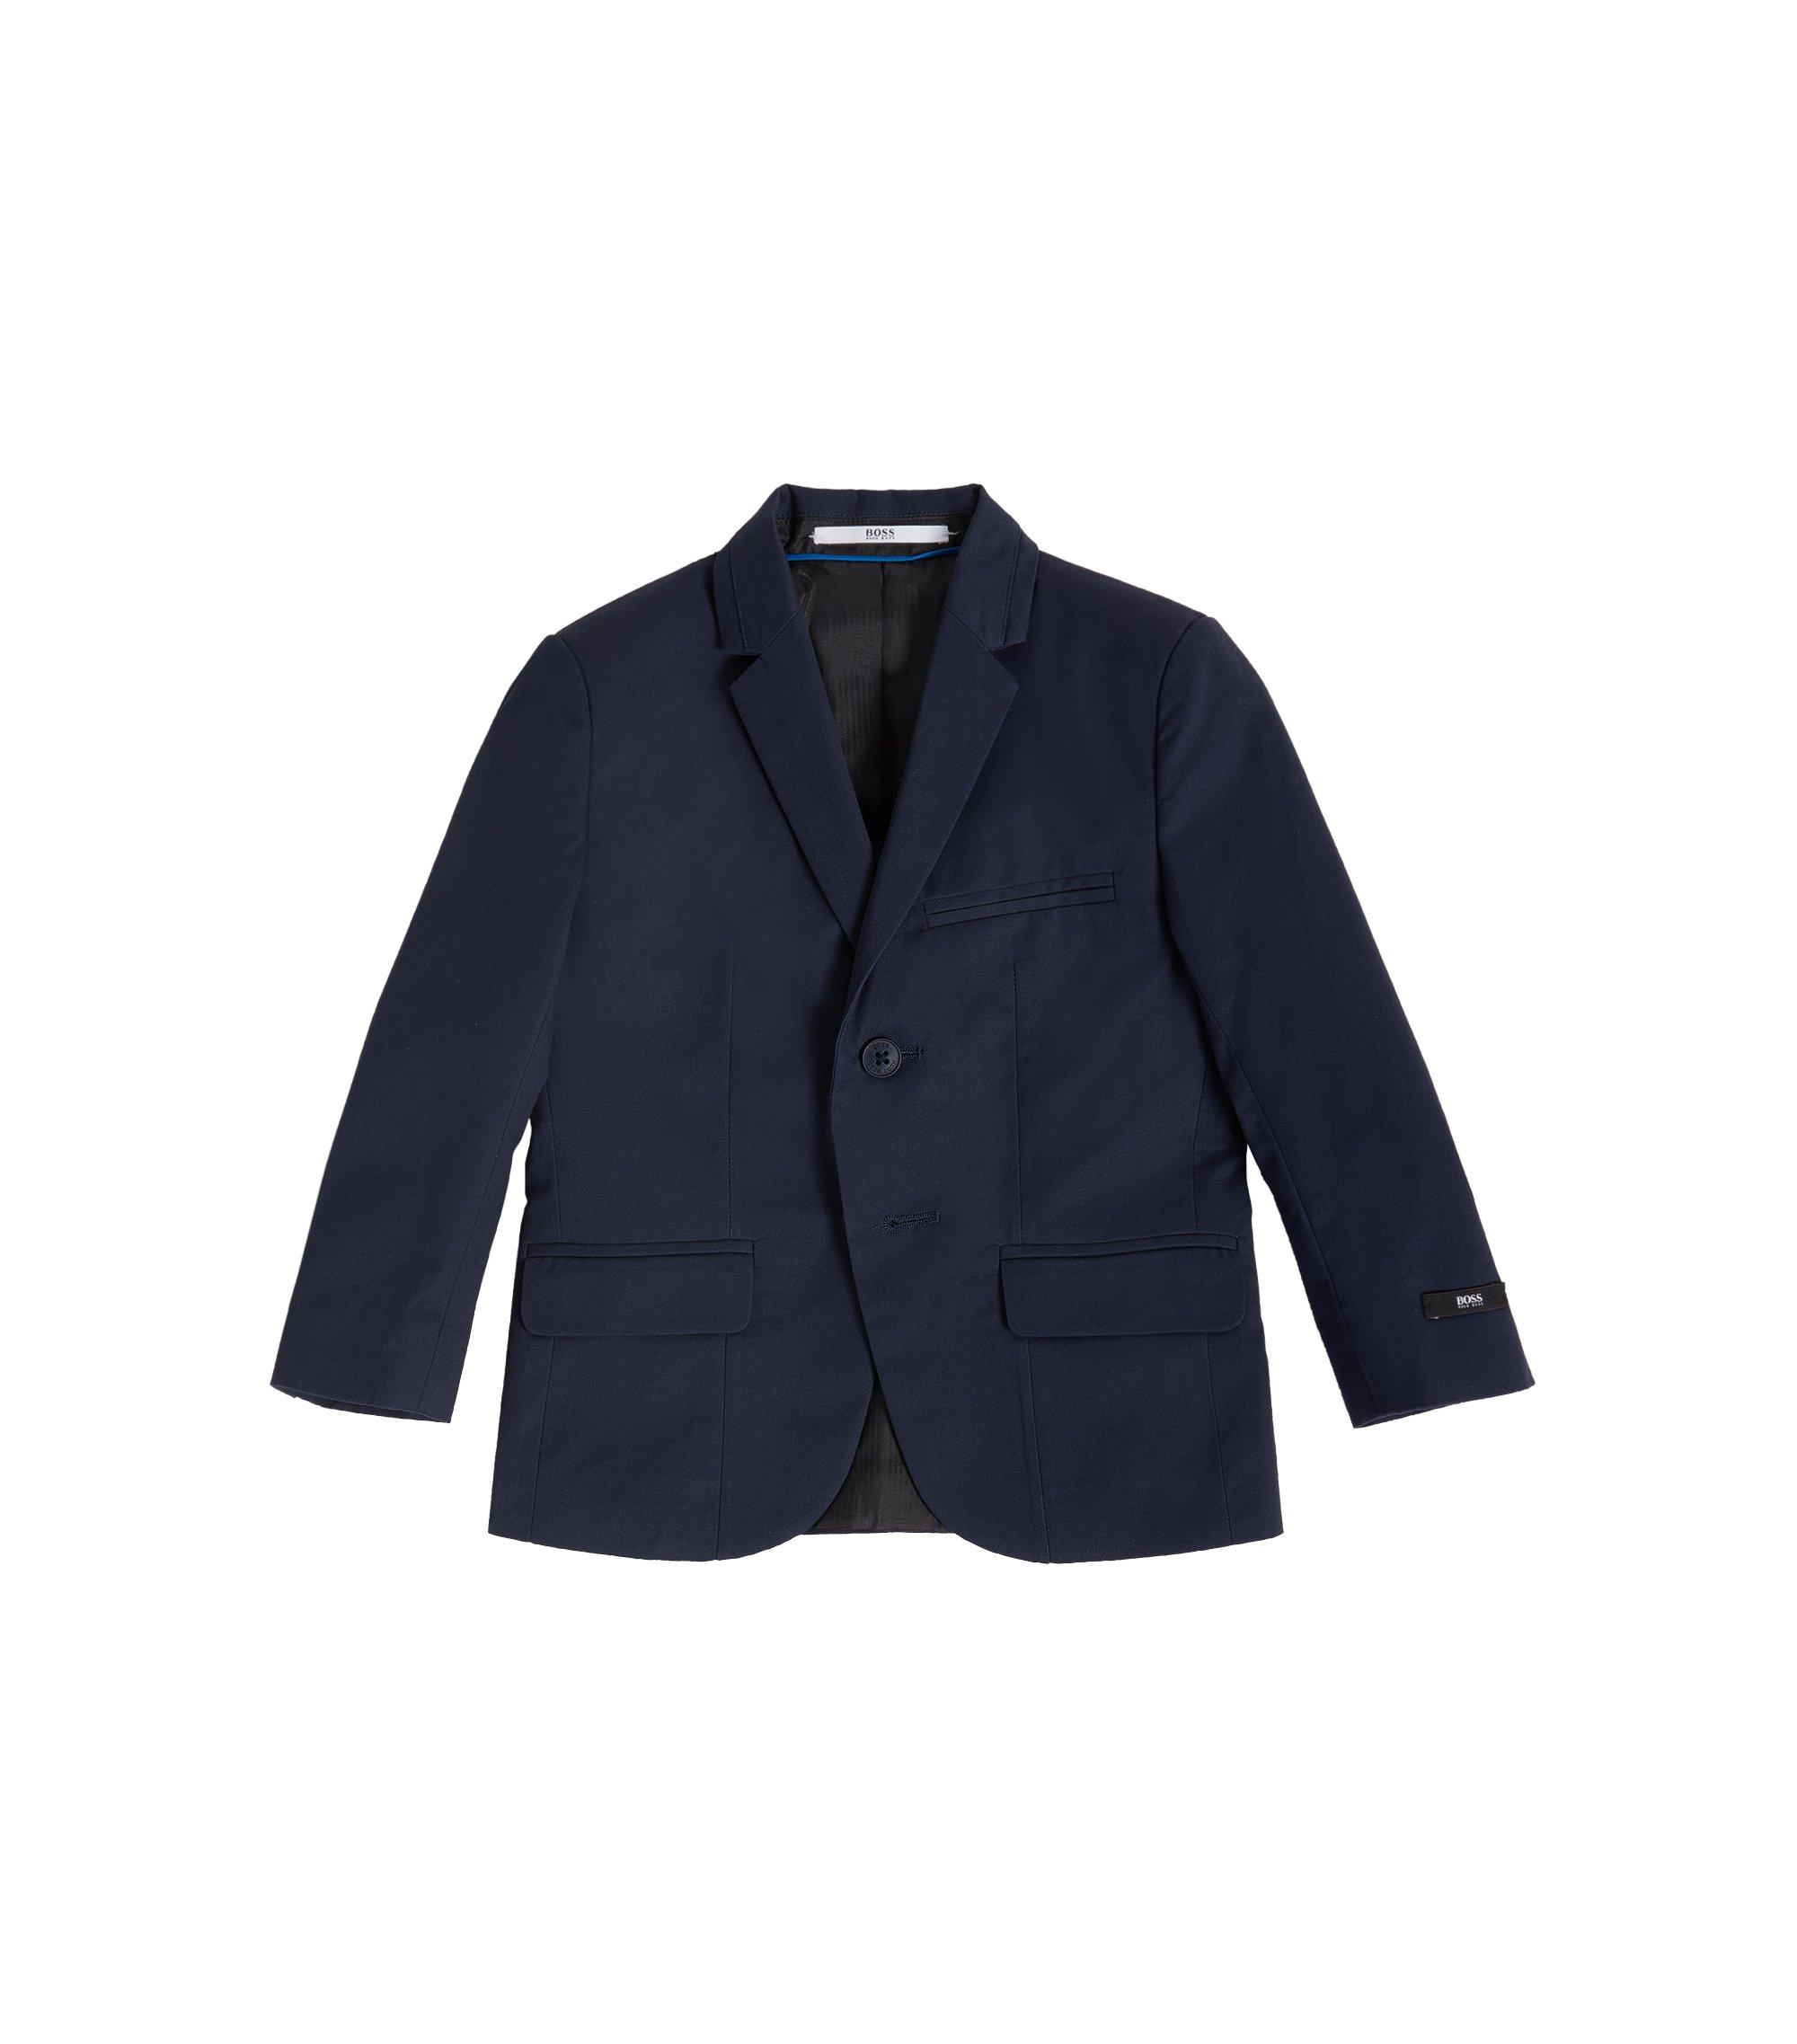 Veste de costume Regular Fit pour enfant, en twill de coton, Bleu foncé